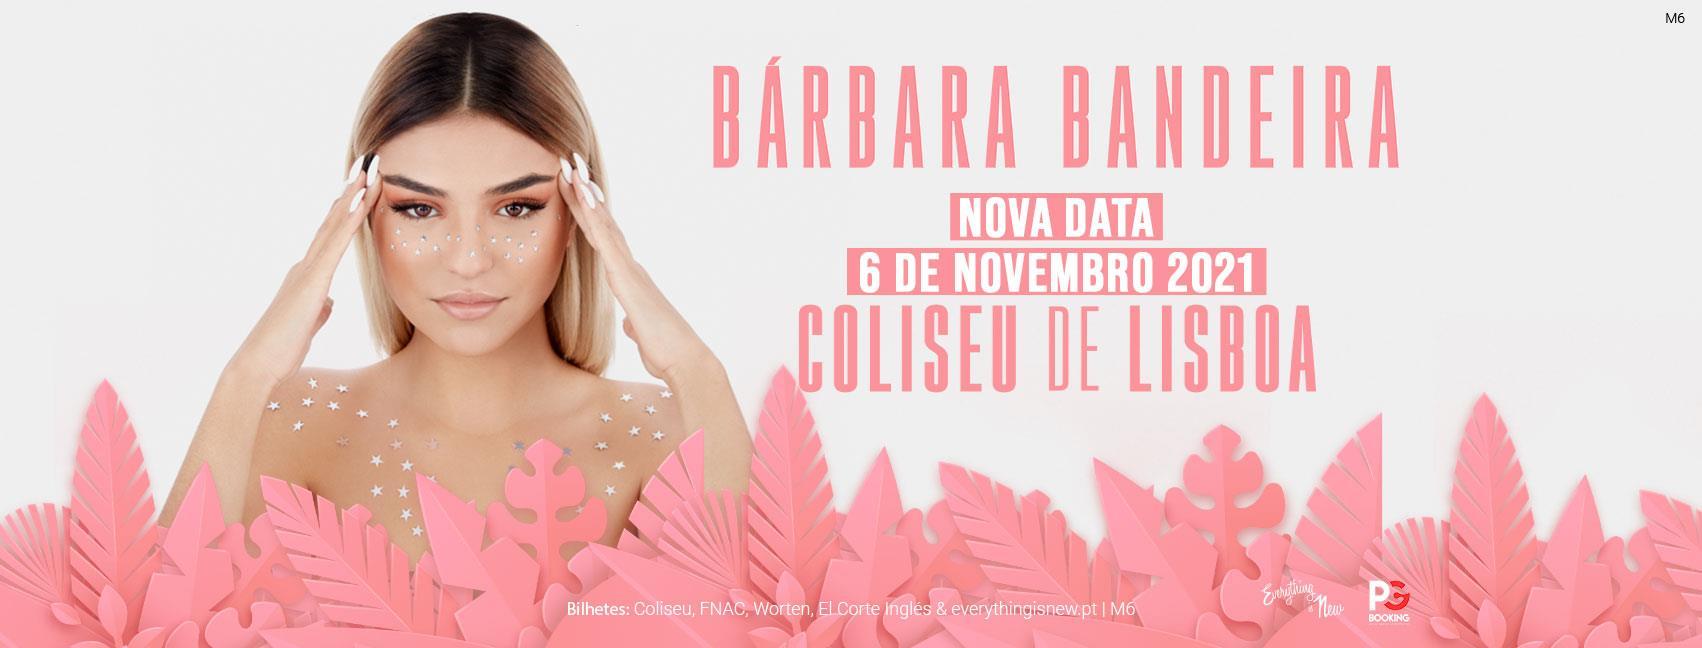 Nova data: Bárbara Bandeira // Coliseu de Lisboa